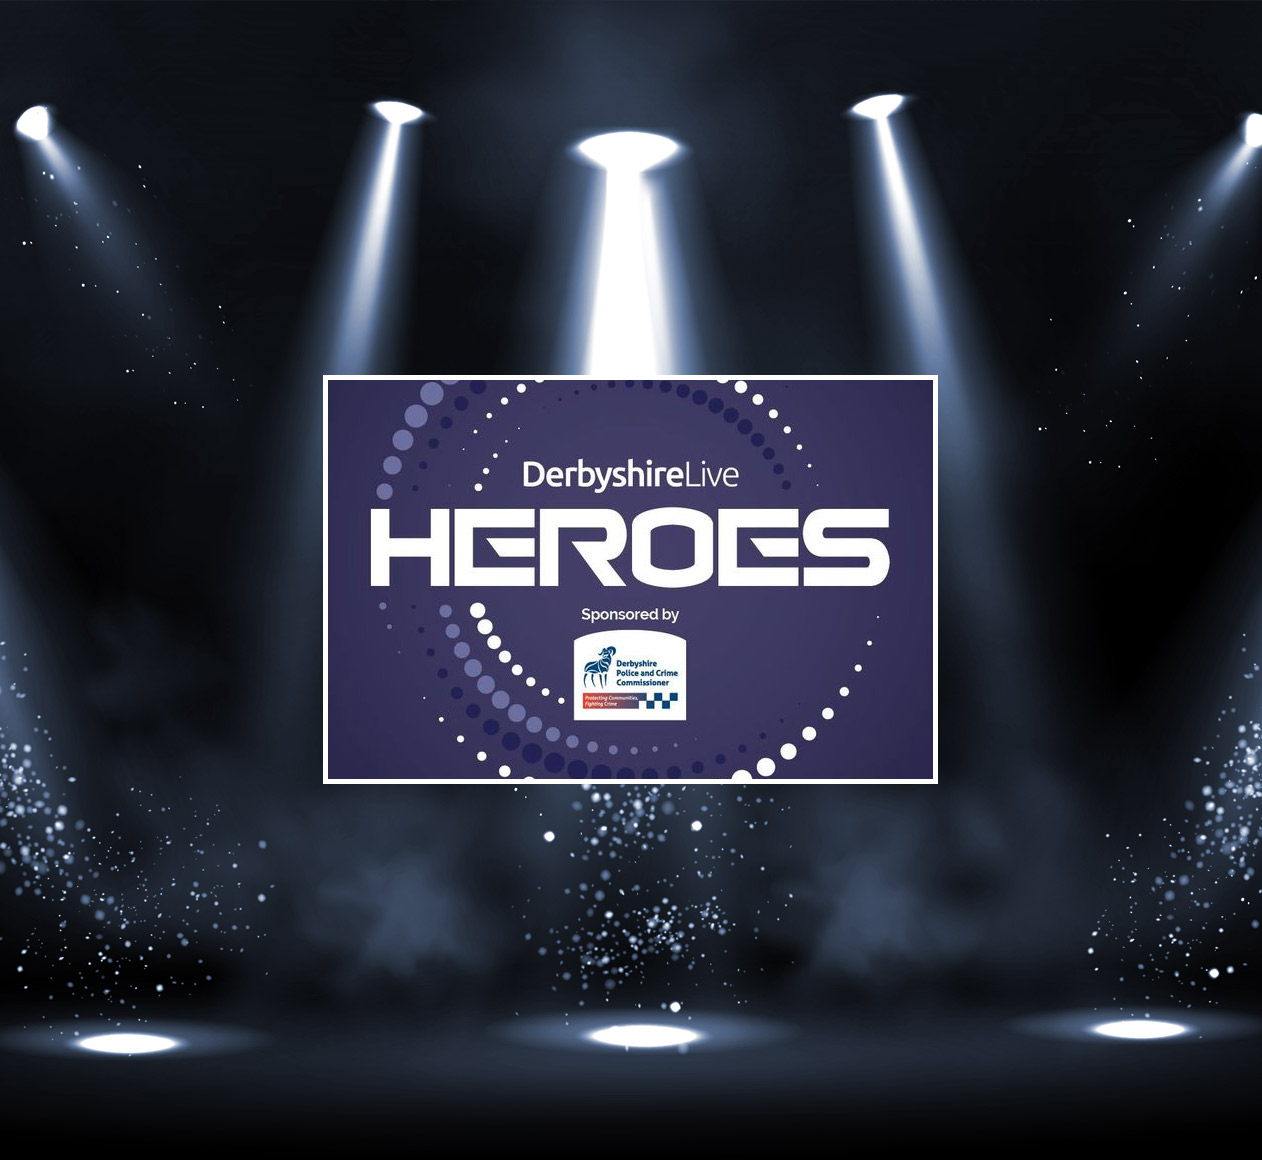 DerbyshireLive Heroes Award 2020